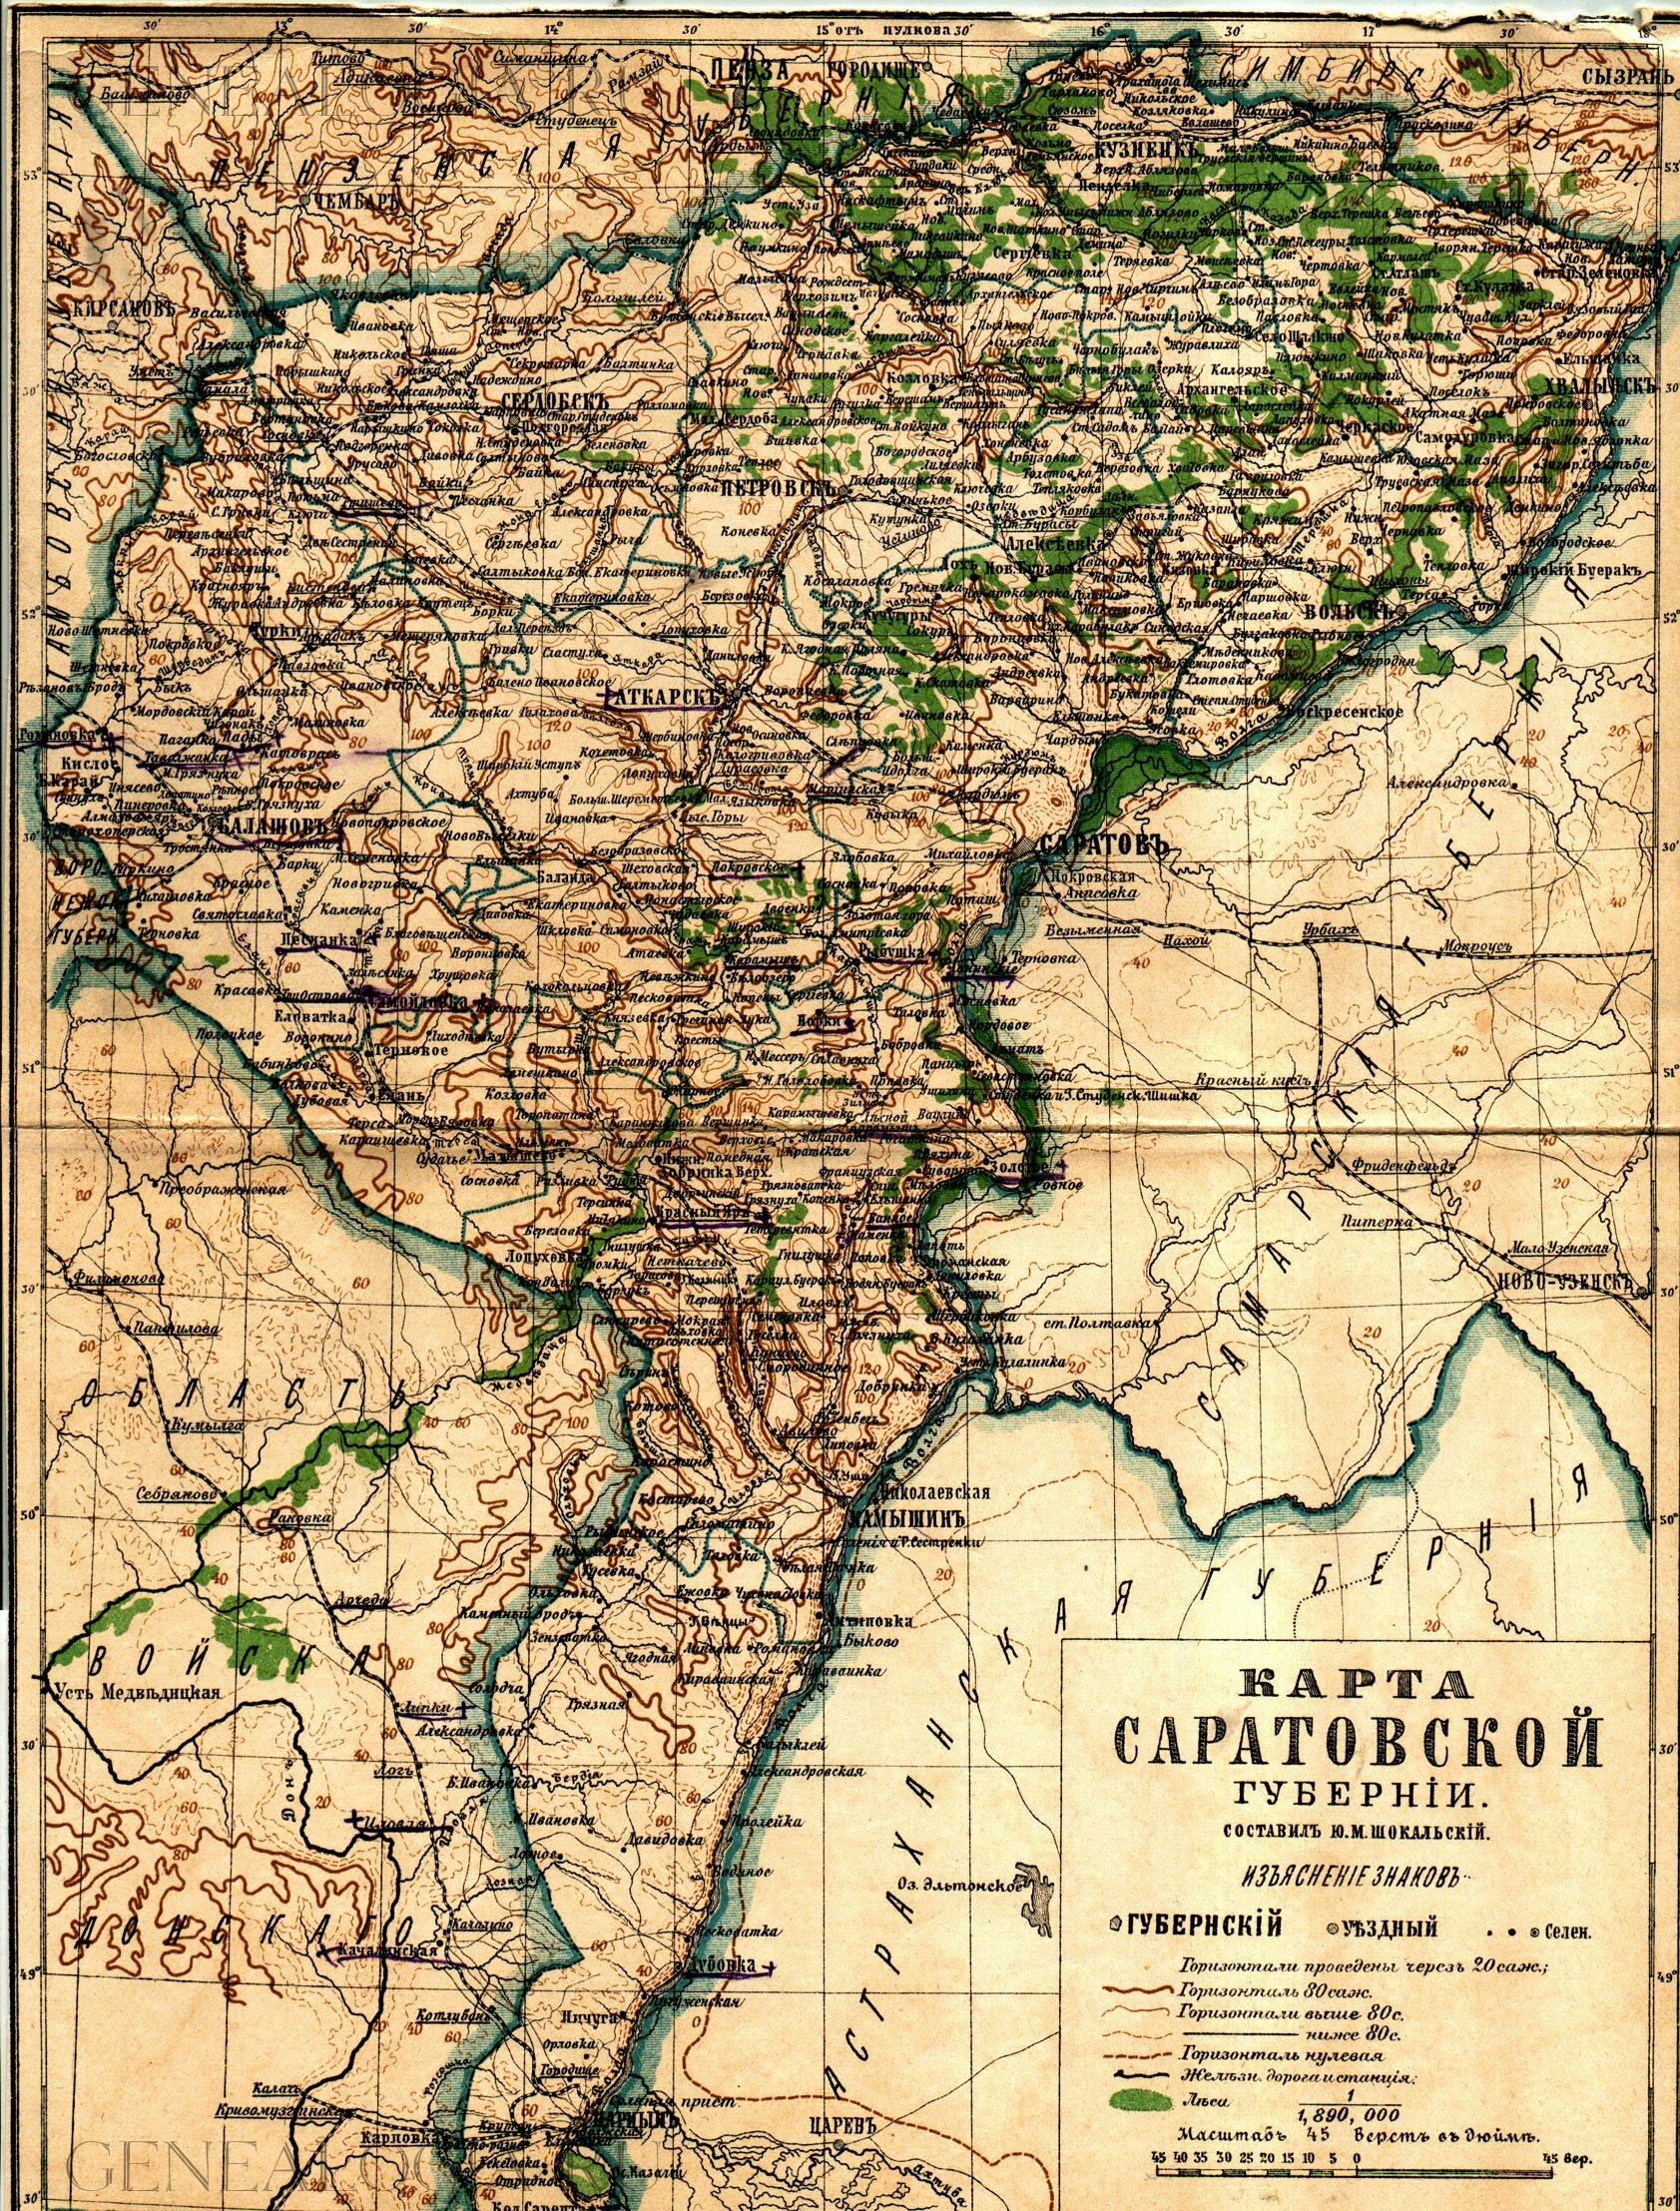 место старинная карта саратовской губернии истины: